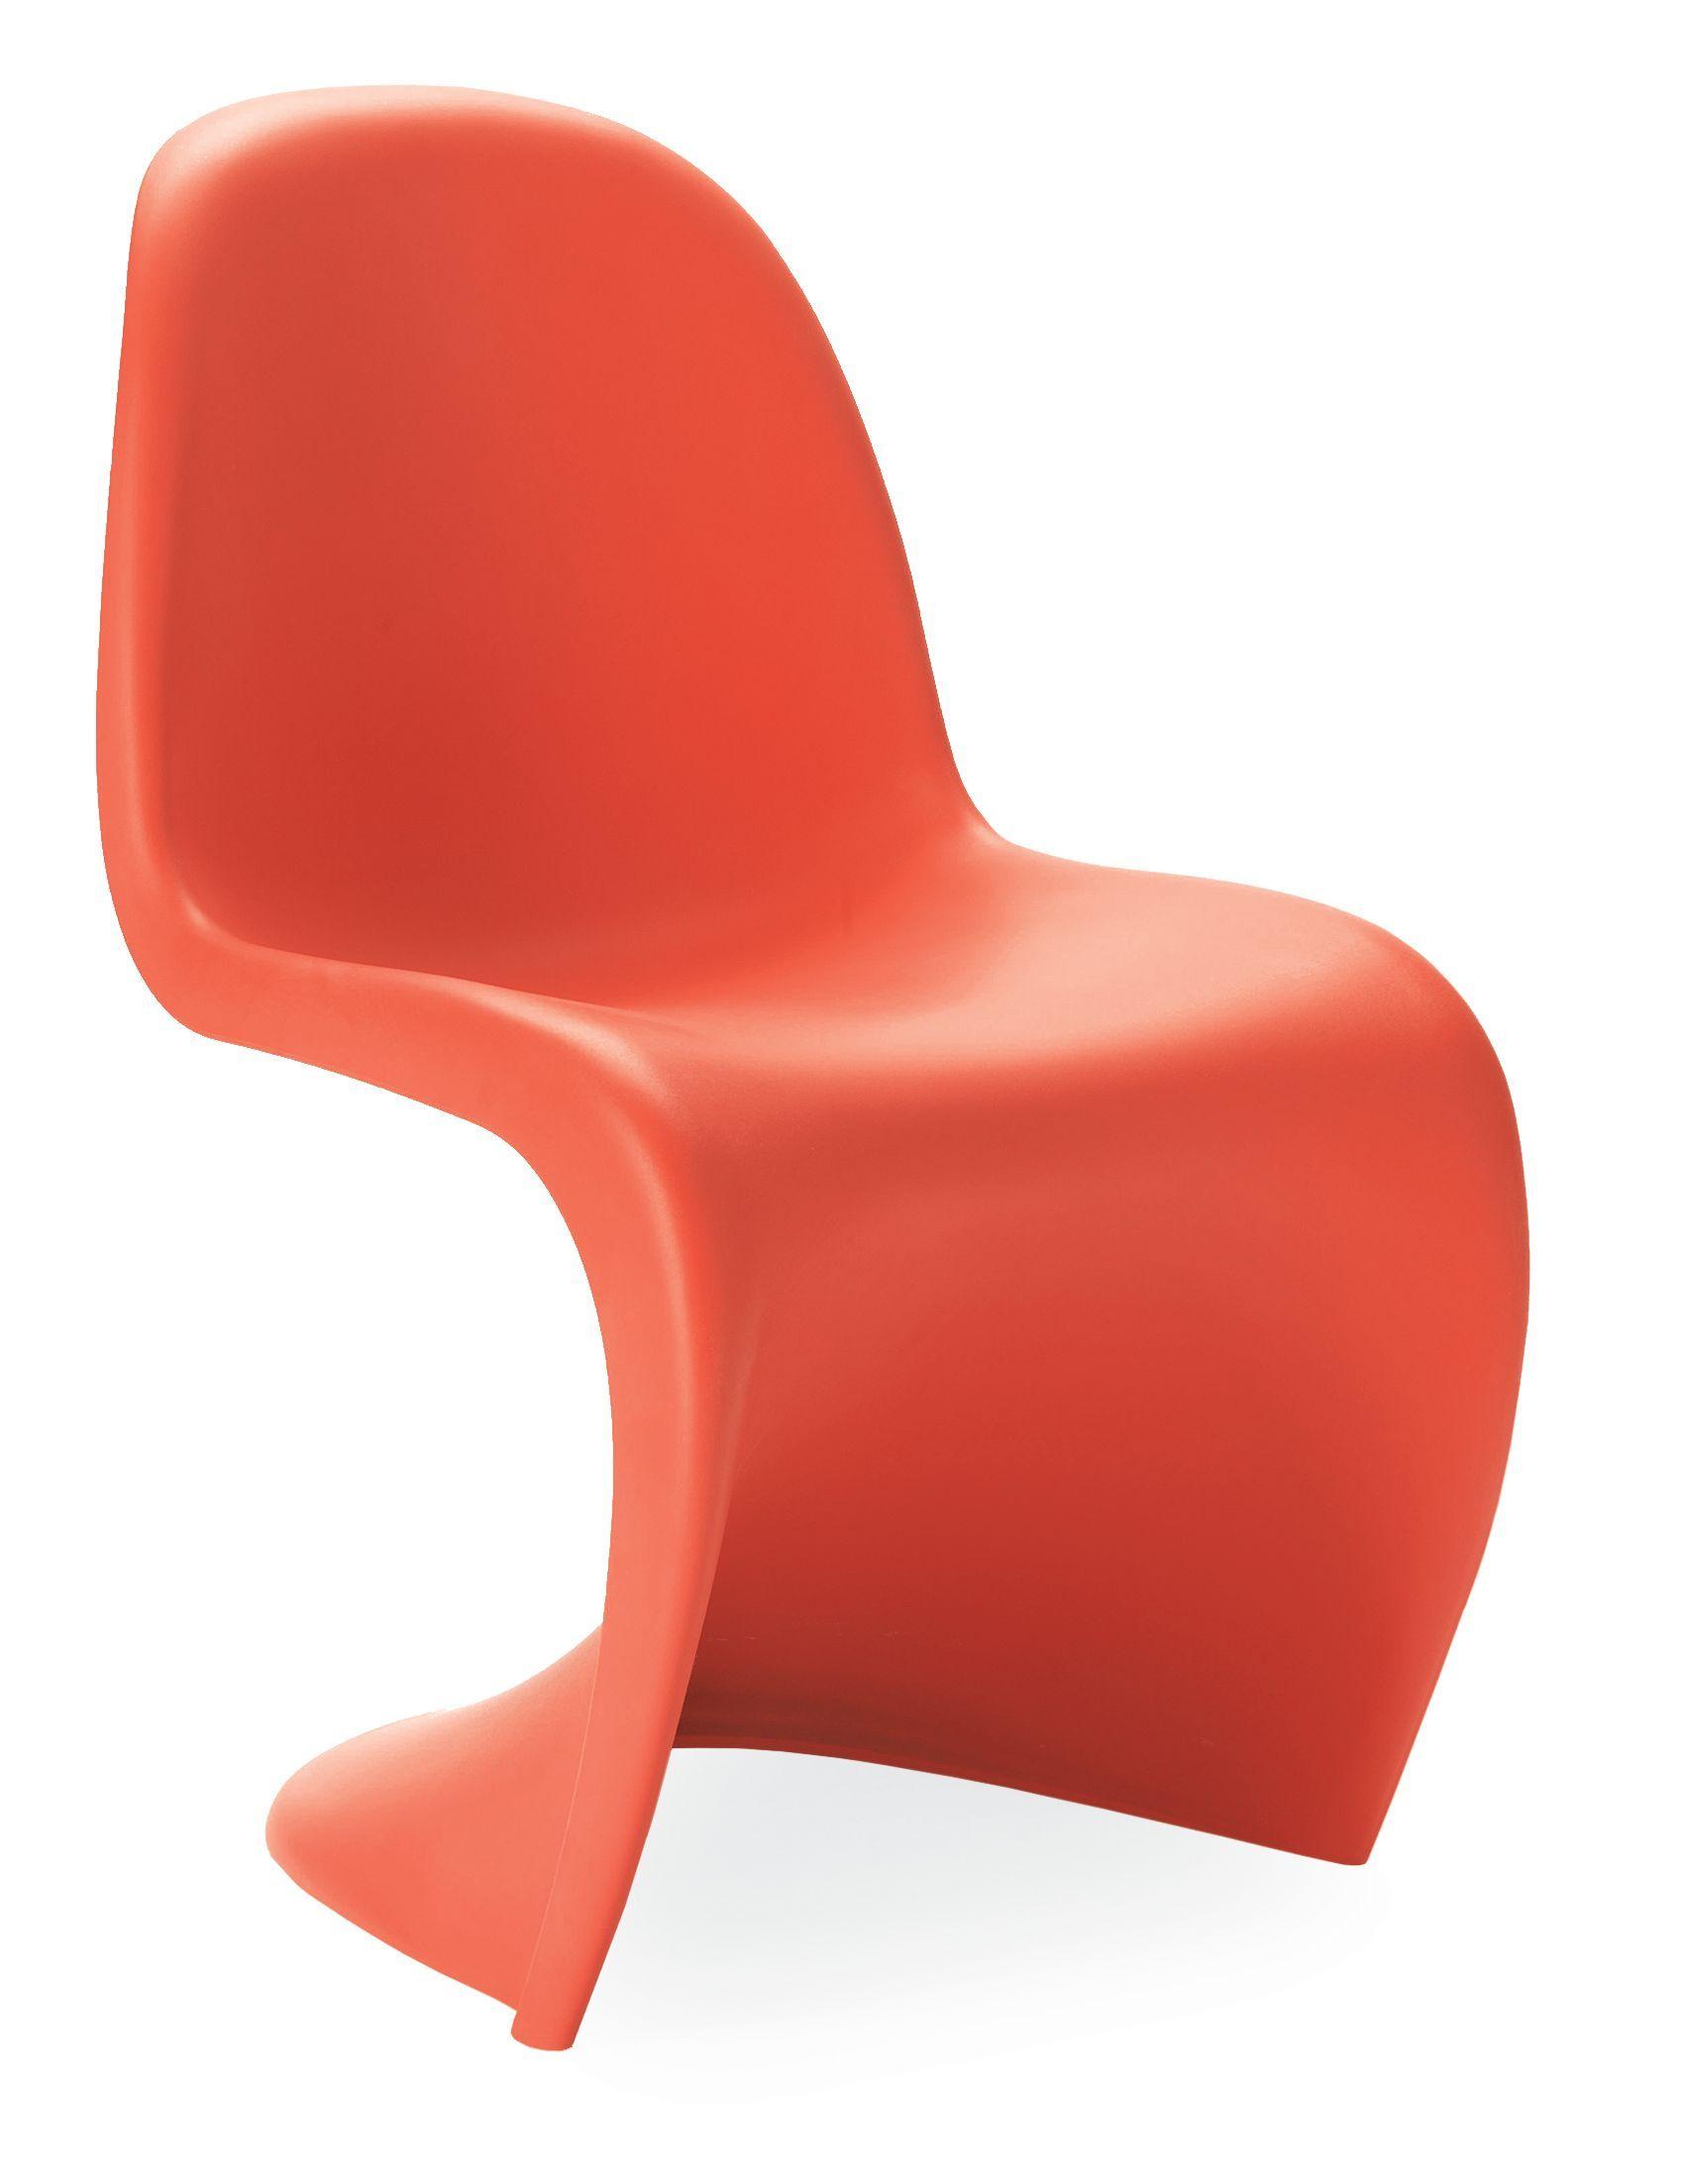 Panton Chair Panton Chair Chair Design Modern Chair Design